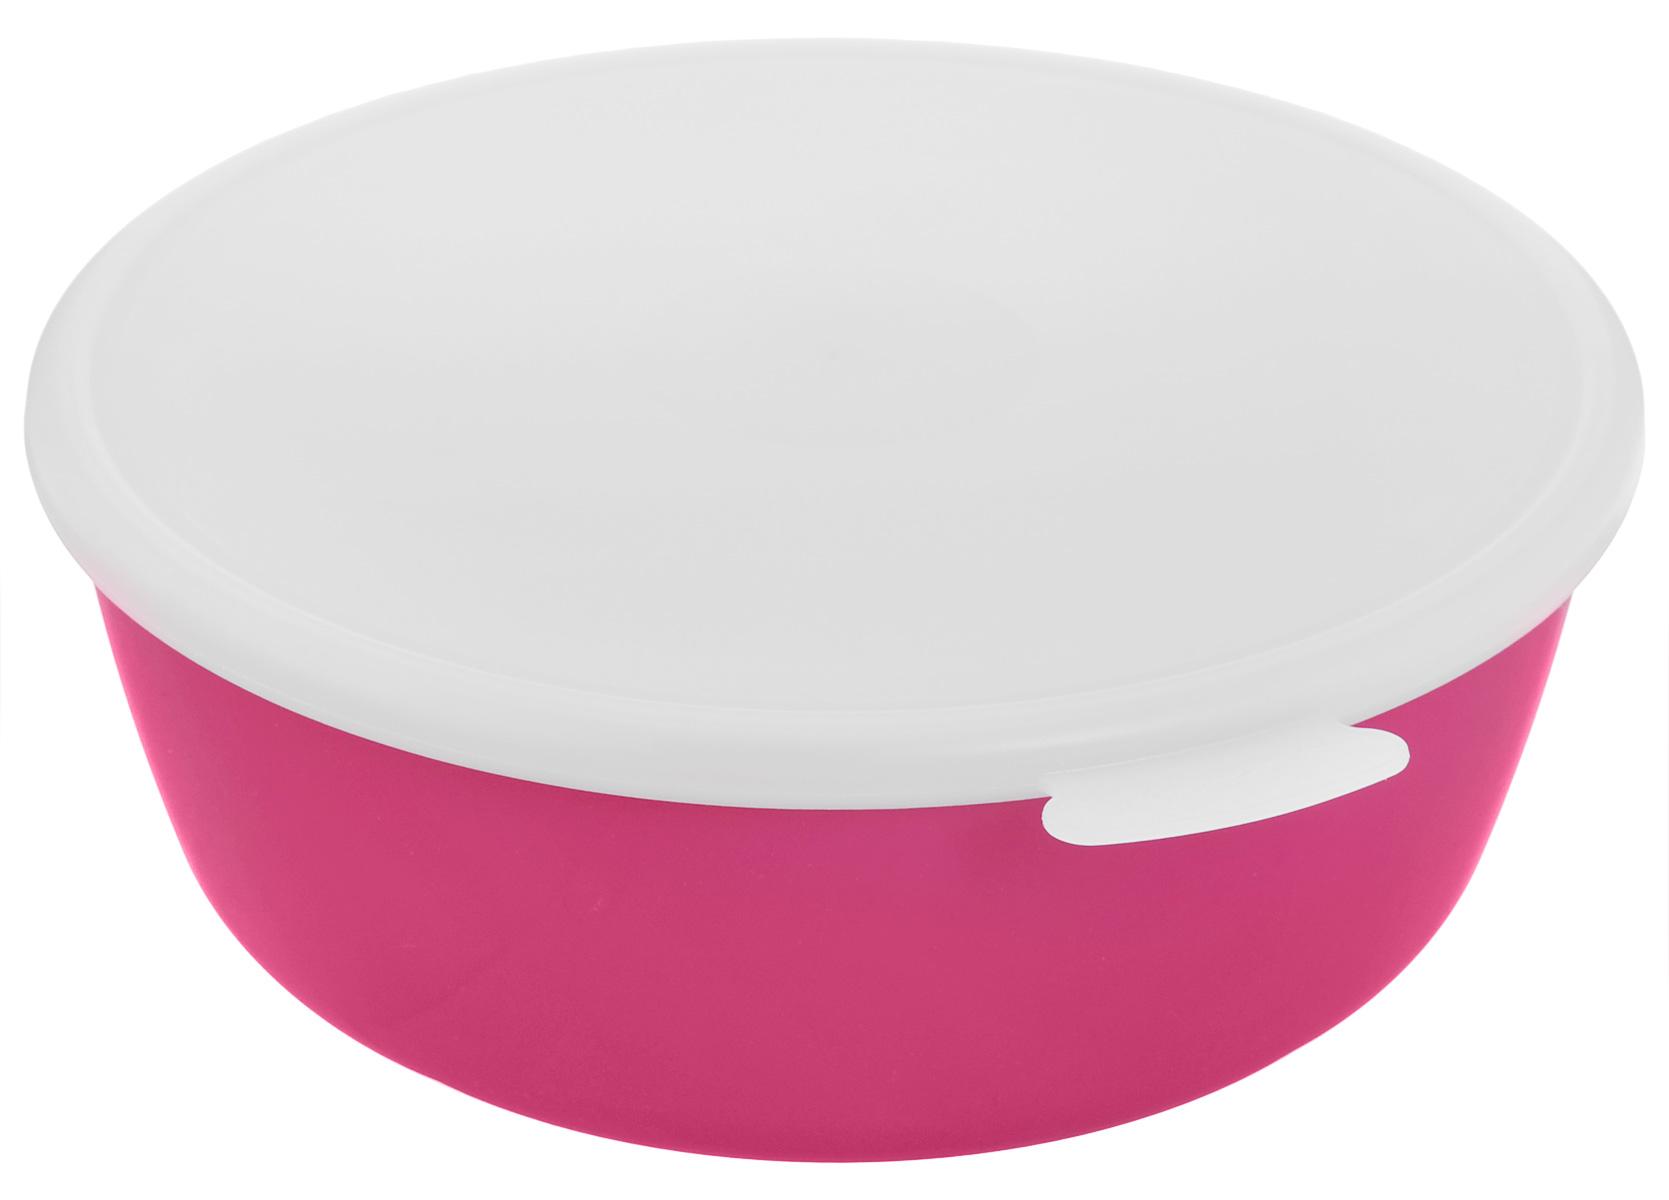 Миска Idea Прованс, с крышкой, цвет: малиновый, белый, 2,5 л54 009312Миска круглой формы Idea Прованс изготовлена из высококачественного пищевого пластика. Изделие очень функциональное, оно пригодится на кухне для самых разнообразных нужд: в качестве салатника, миски, тарелки. Герметичная крышка обеспечивает продуктам долгий срок хранения.Диаметр миски: 22,5 см.Высота миски: 8,5 см.